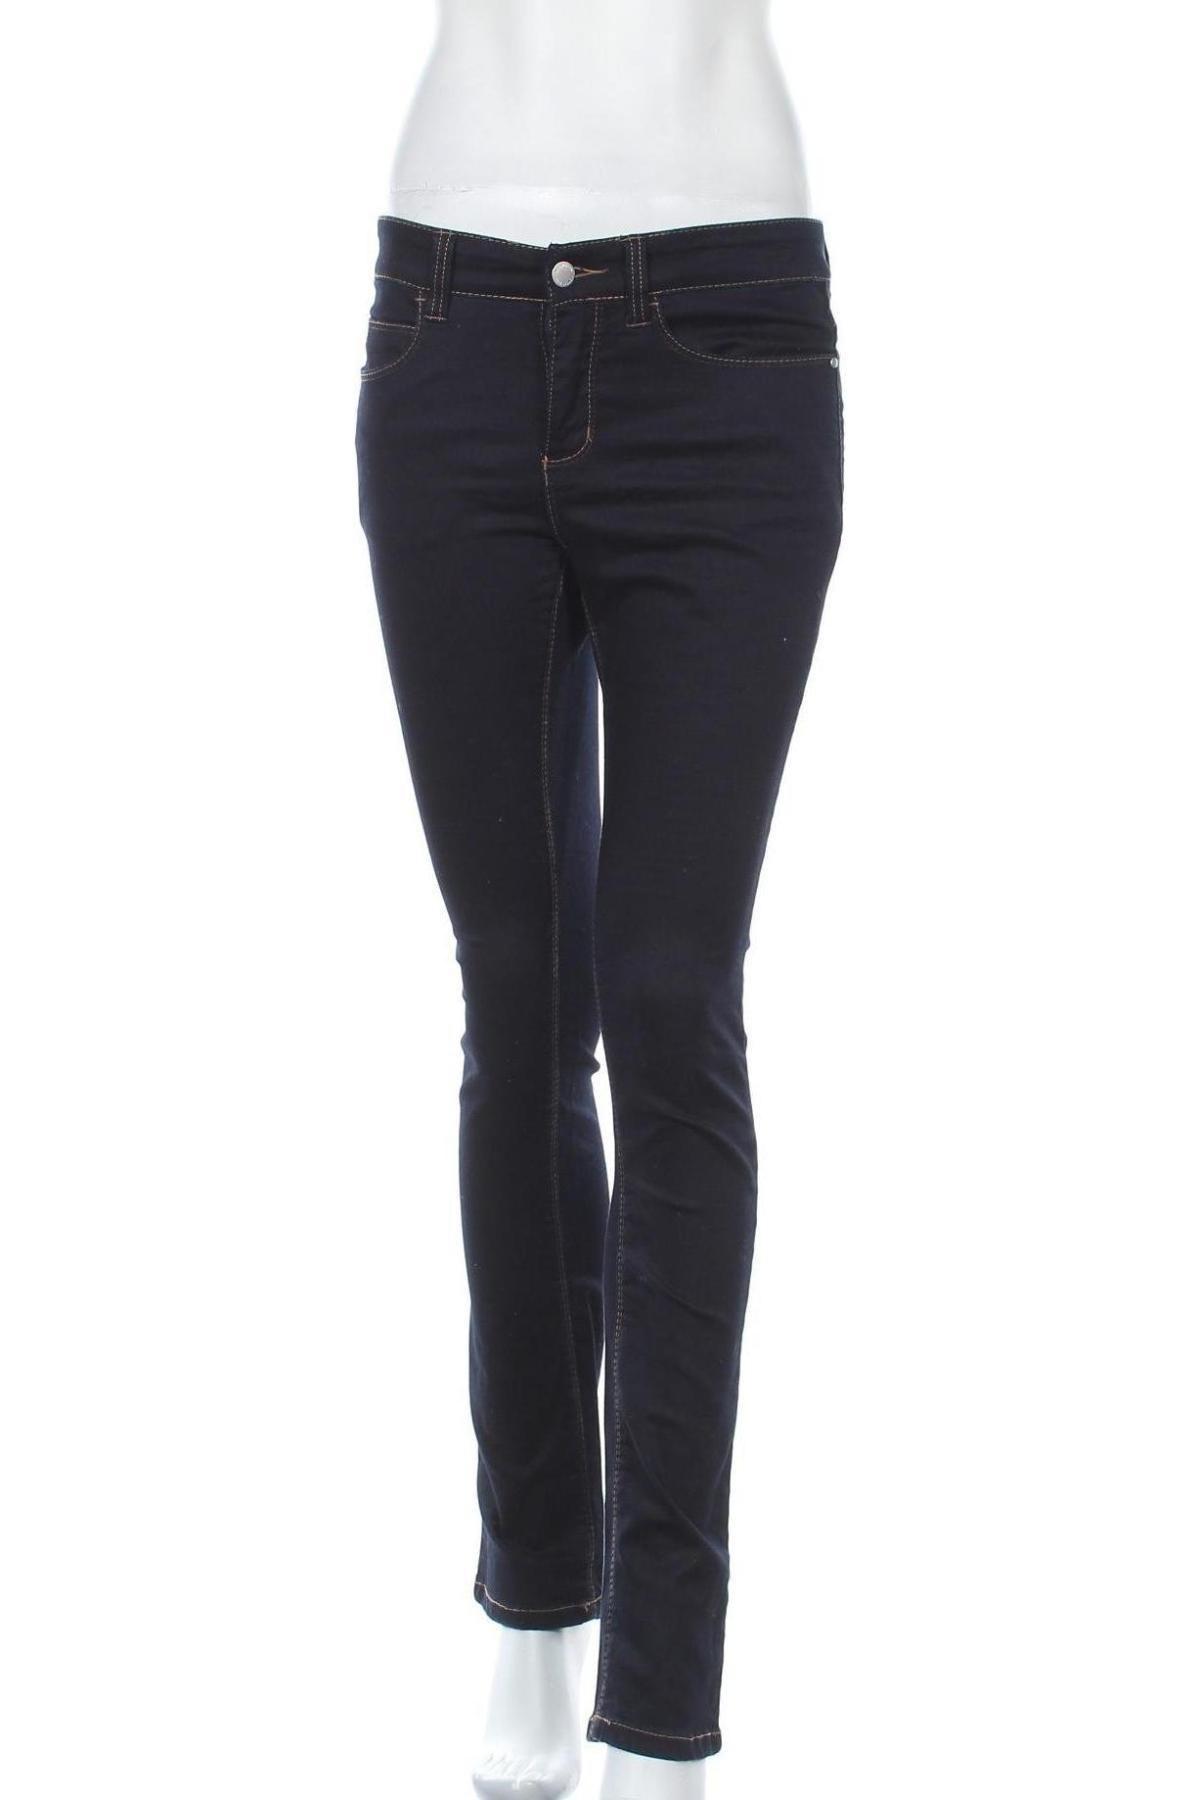 Дамски дънки Wonder Jeans, Размер S, Цвят Син, 65% памук, 30% полиестер, 5% еластан, Цена 44,25лв.